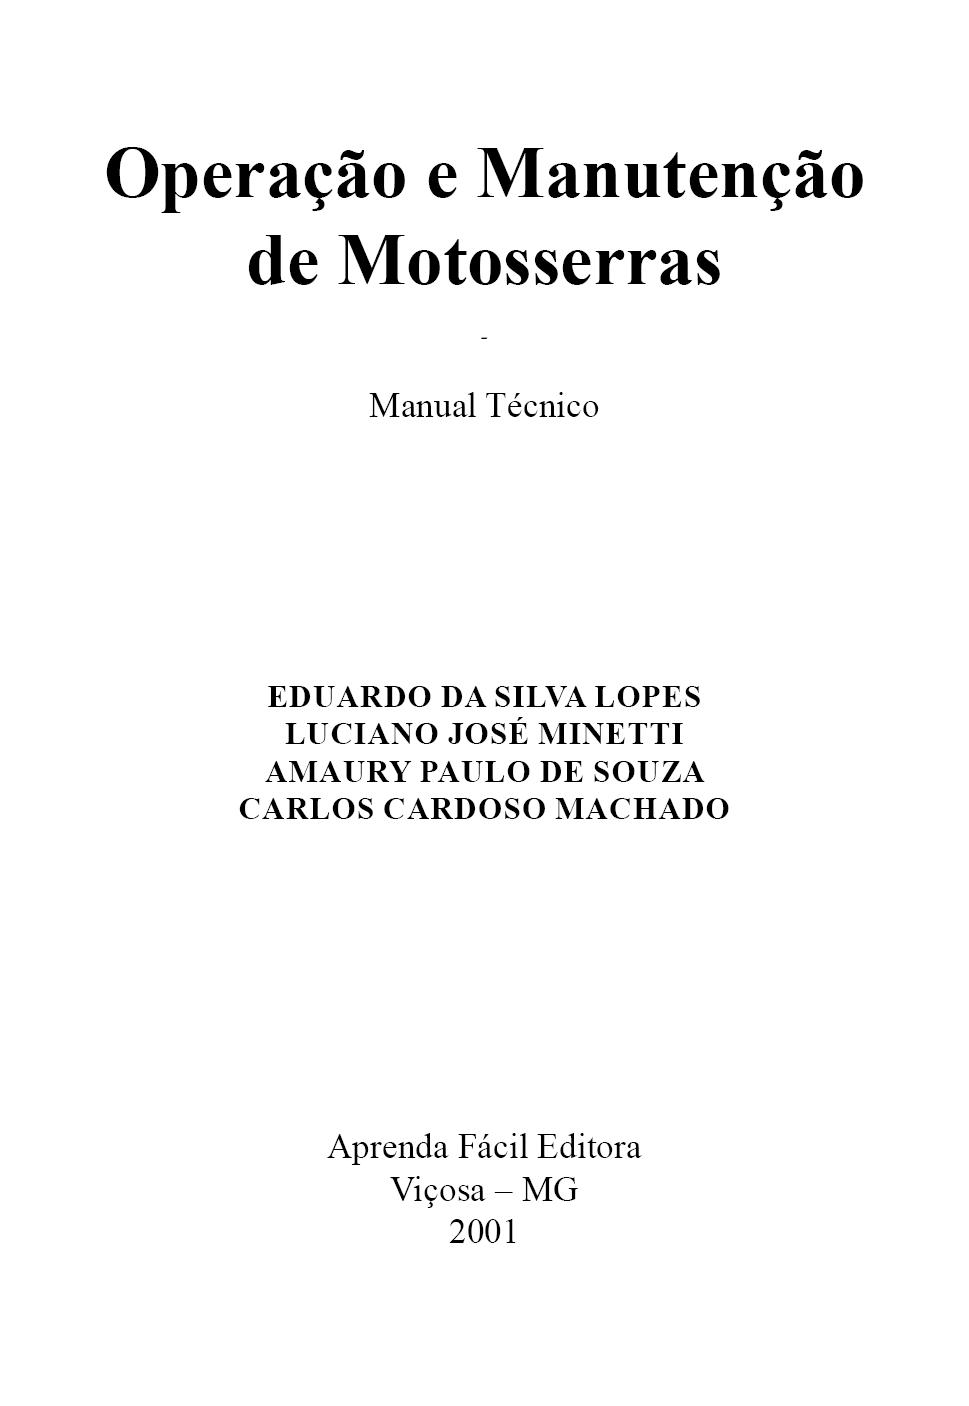 Operação e Manutenção de Motosserras - Manual Técnico